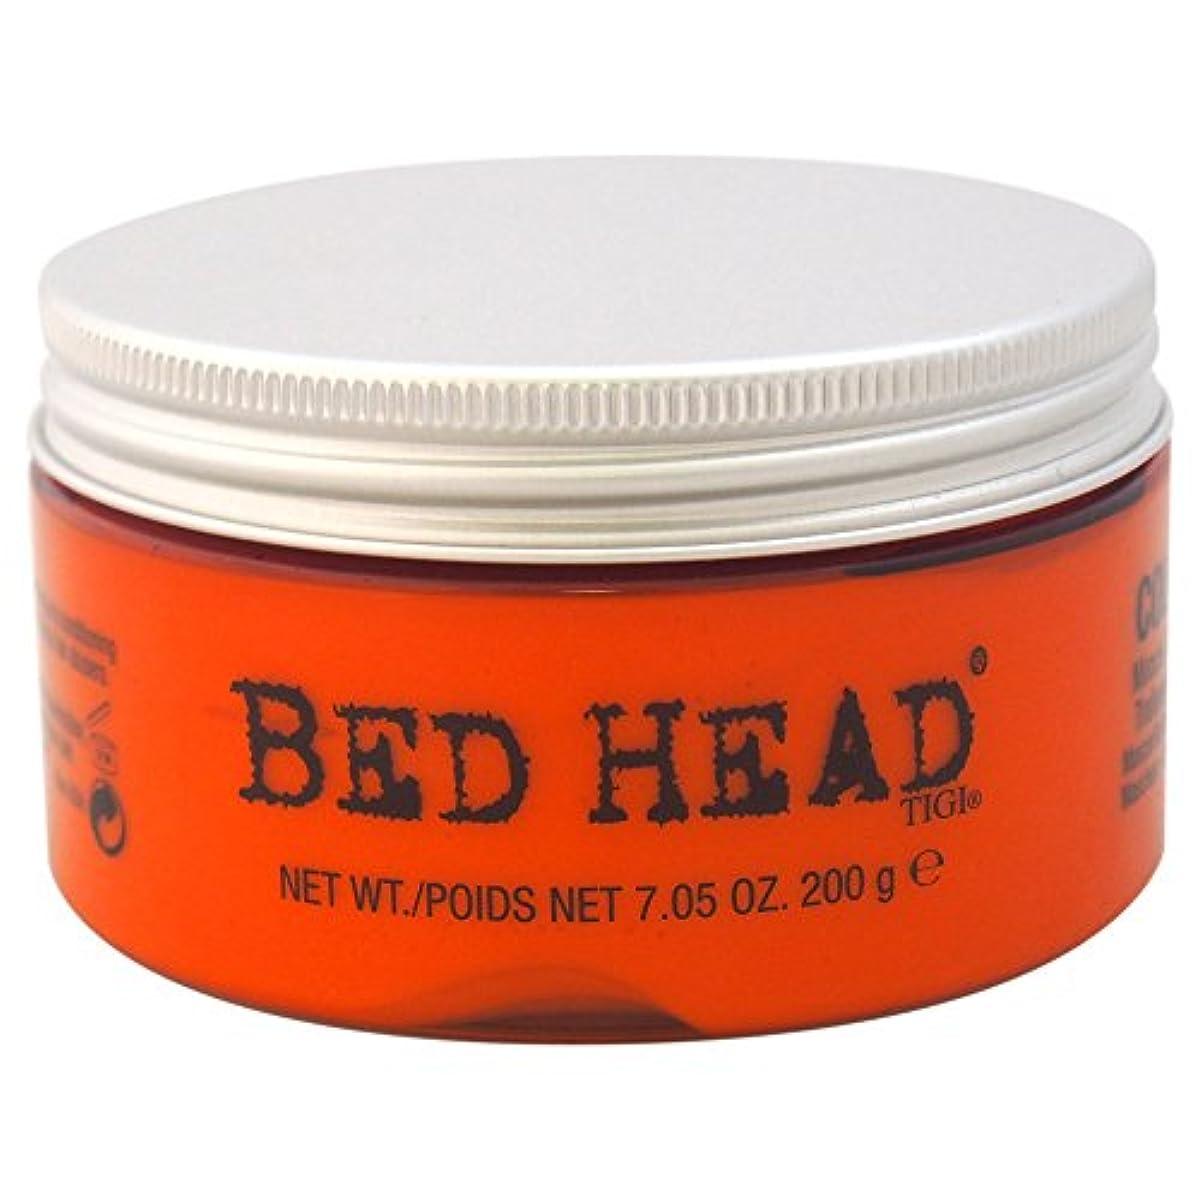 乳製品ローン不適切なTigiベッドヘッドカラーゴッドレスミラクルマスク200g[海外直送品] [並行輸入品]